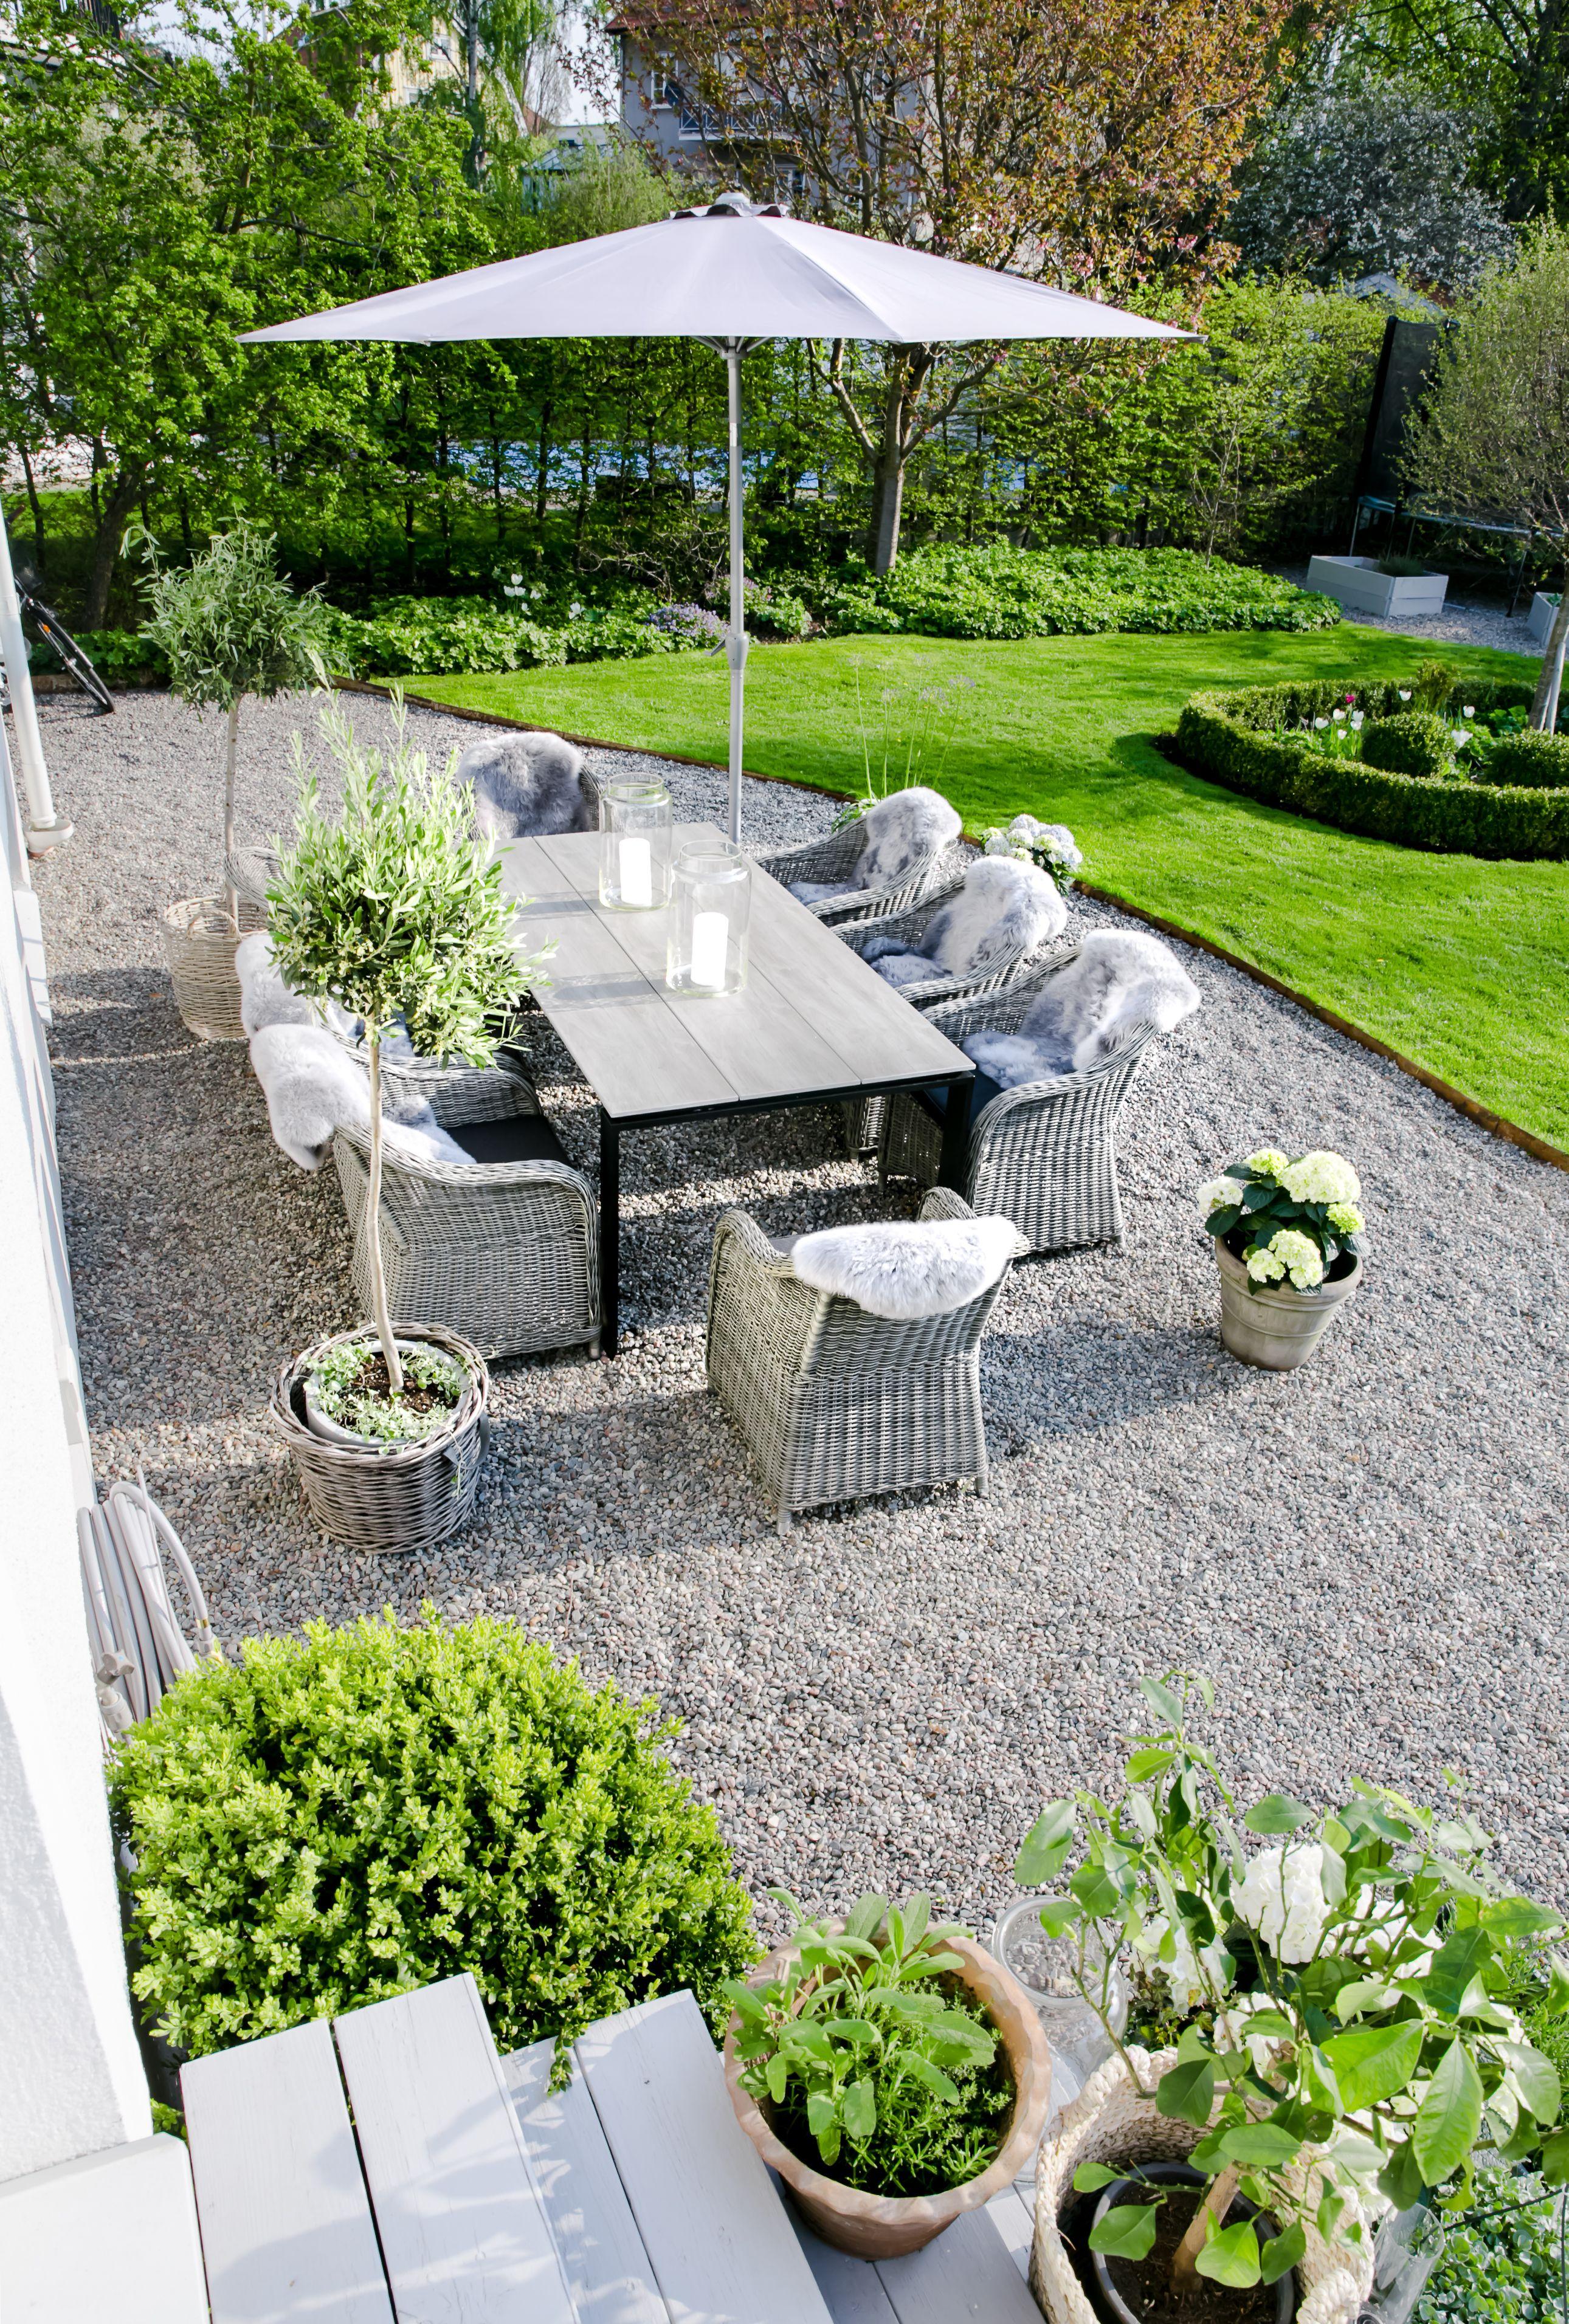 Outdoor exteriores de casa pinterest jardiner a for Jardineria al aire libre casa pendiente